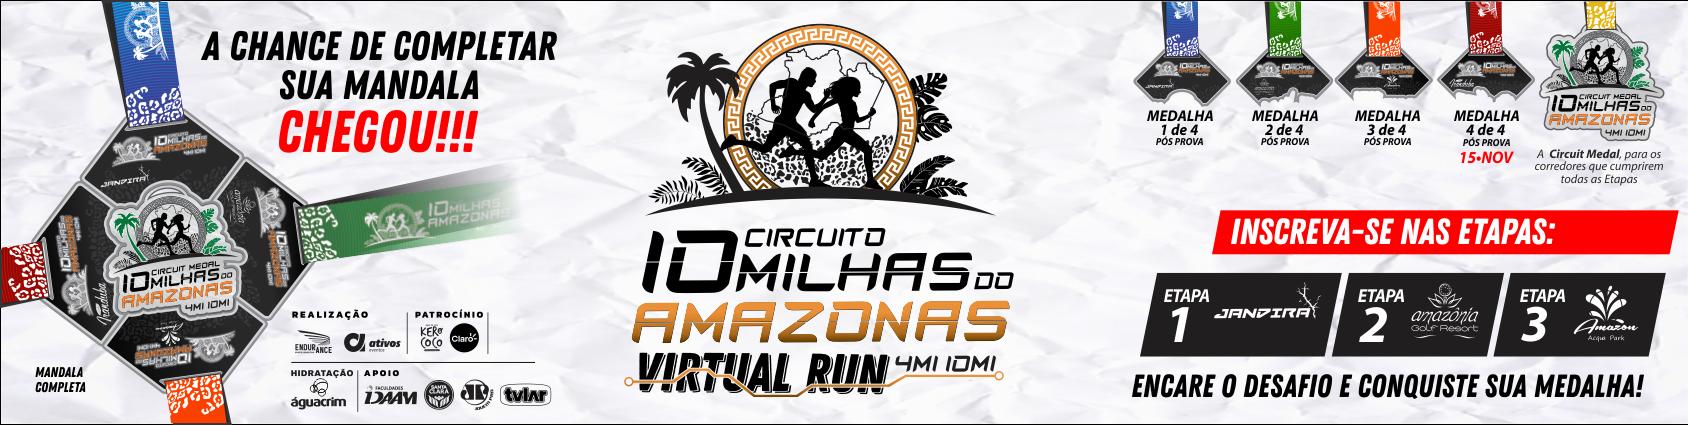 10 Milhas do Amazonas - Virtual Run